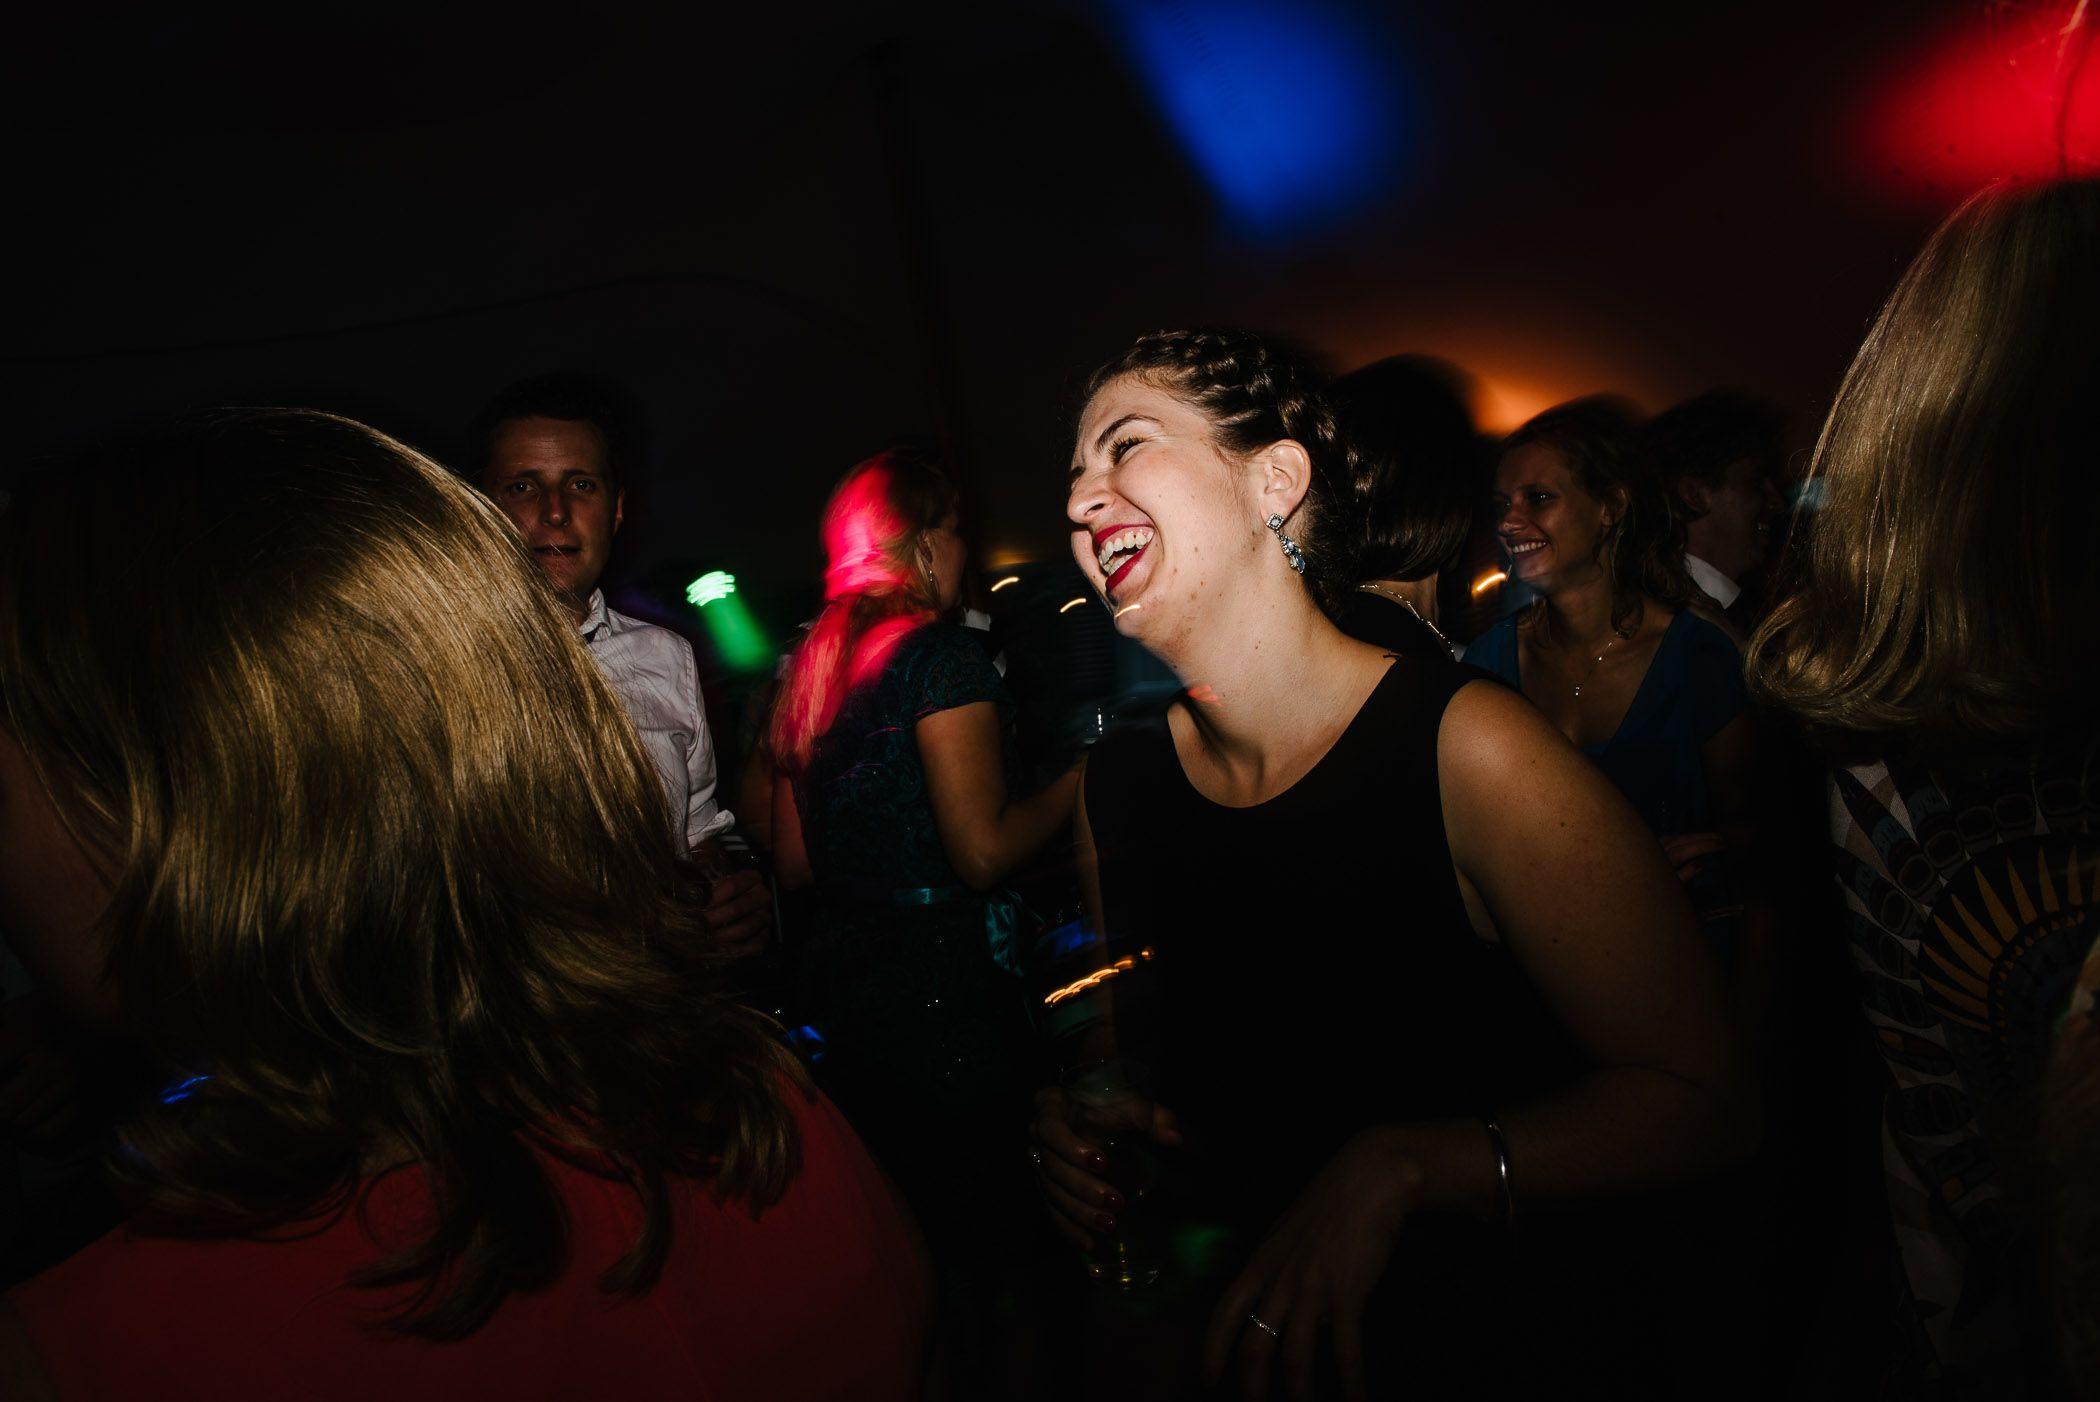 foto's bruidsfeest spontaan origineel